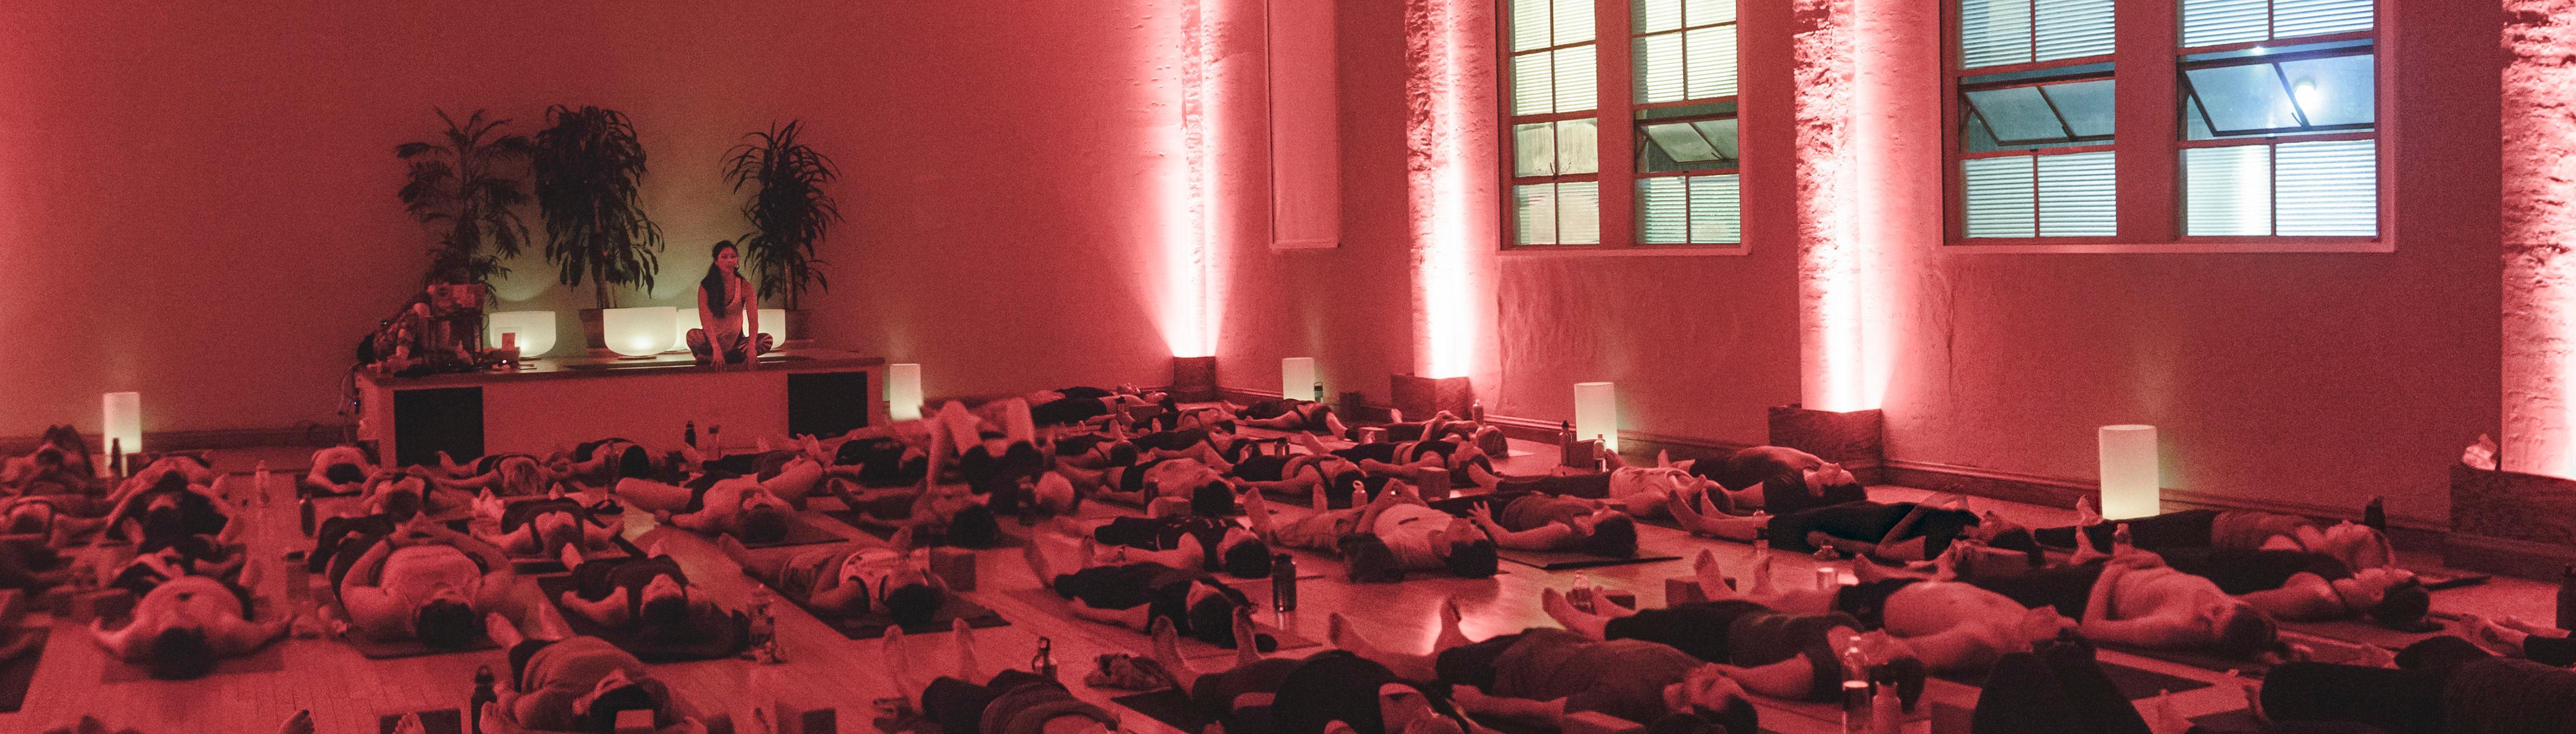 Yoga Flow Sf Ocean Avenue Studio In San Francisco Ca